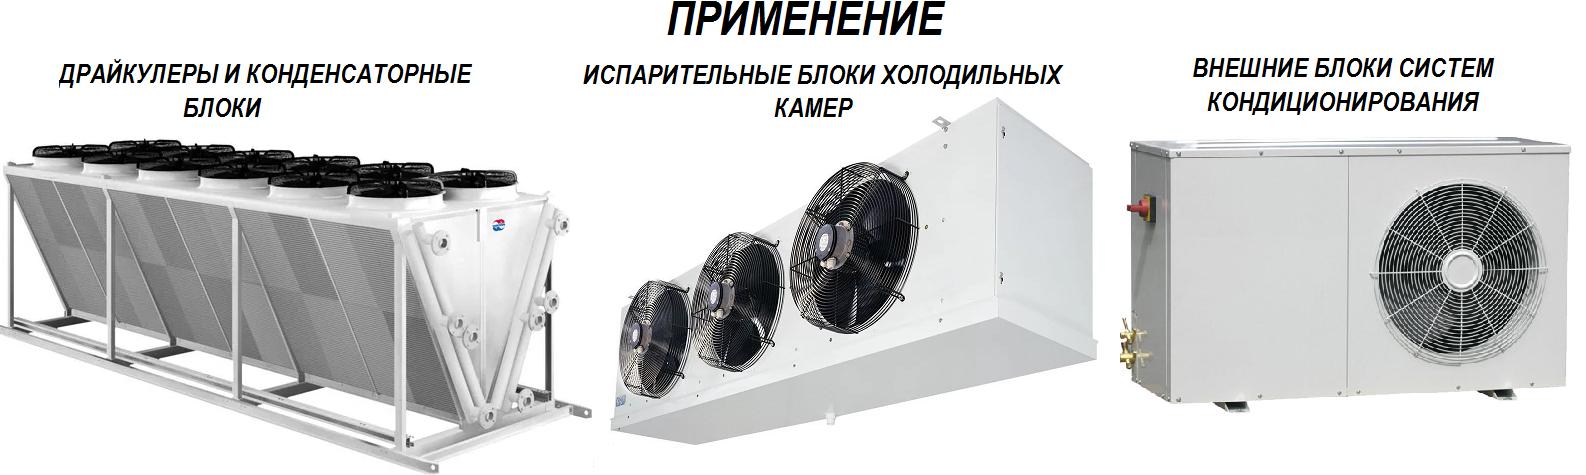 применение осевого вентилятора с защитной решеткой